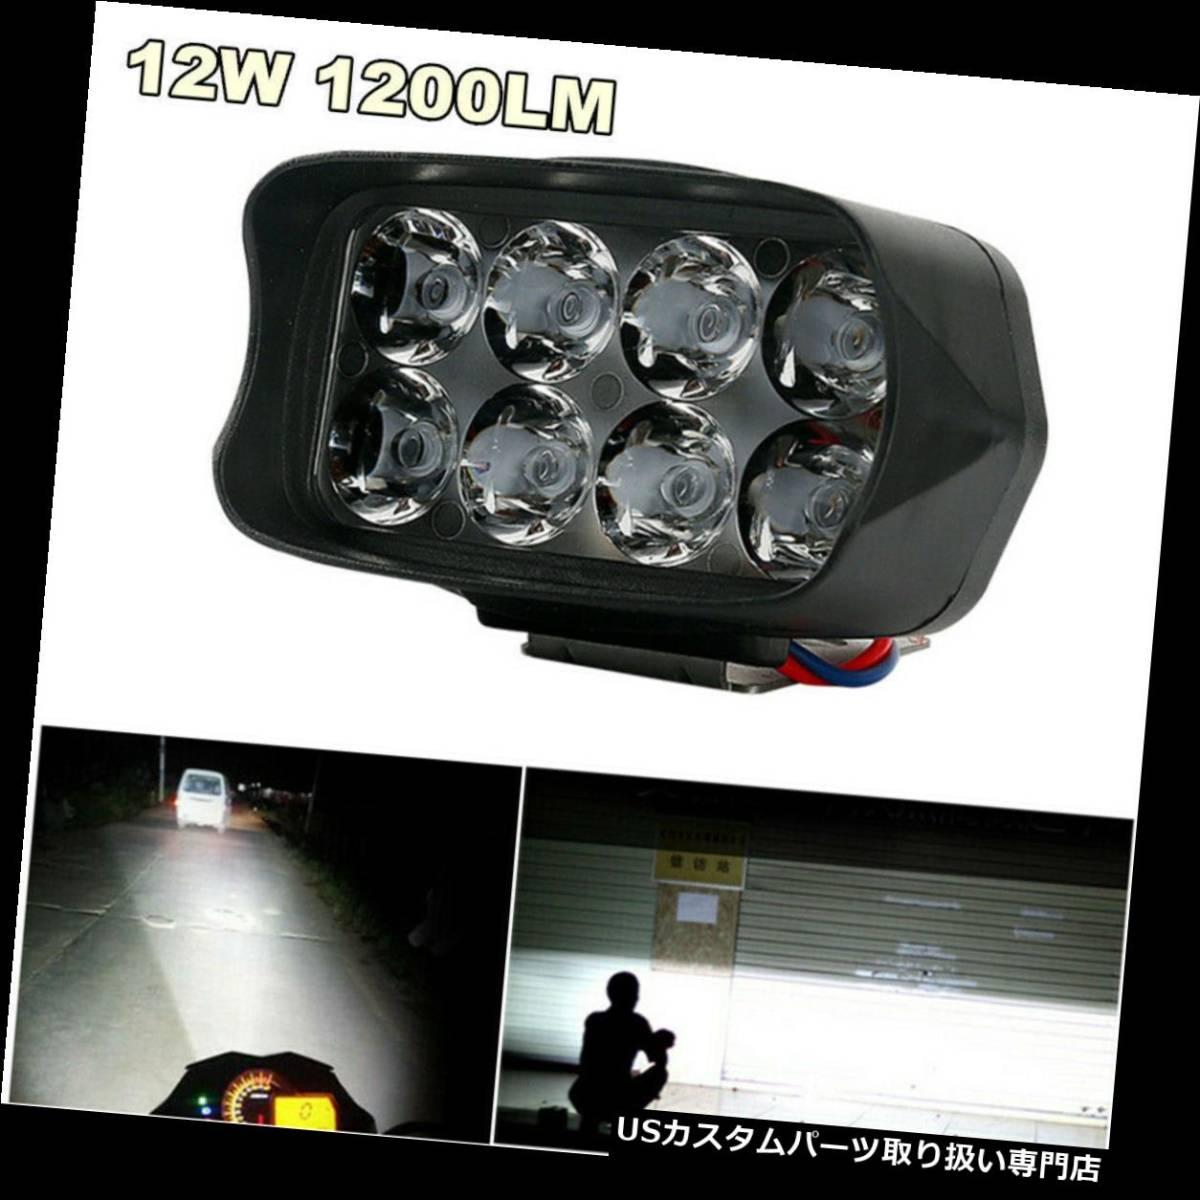 USヘッドライト 12W 1200LM LEDワークライトバーフォグスポットライトDRLヘッドライトドライビングランプ_画像2